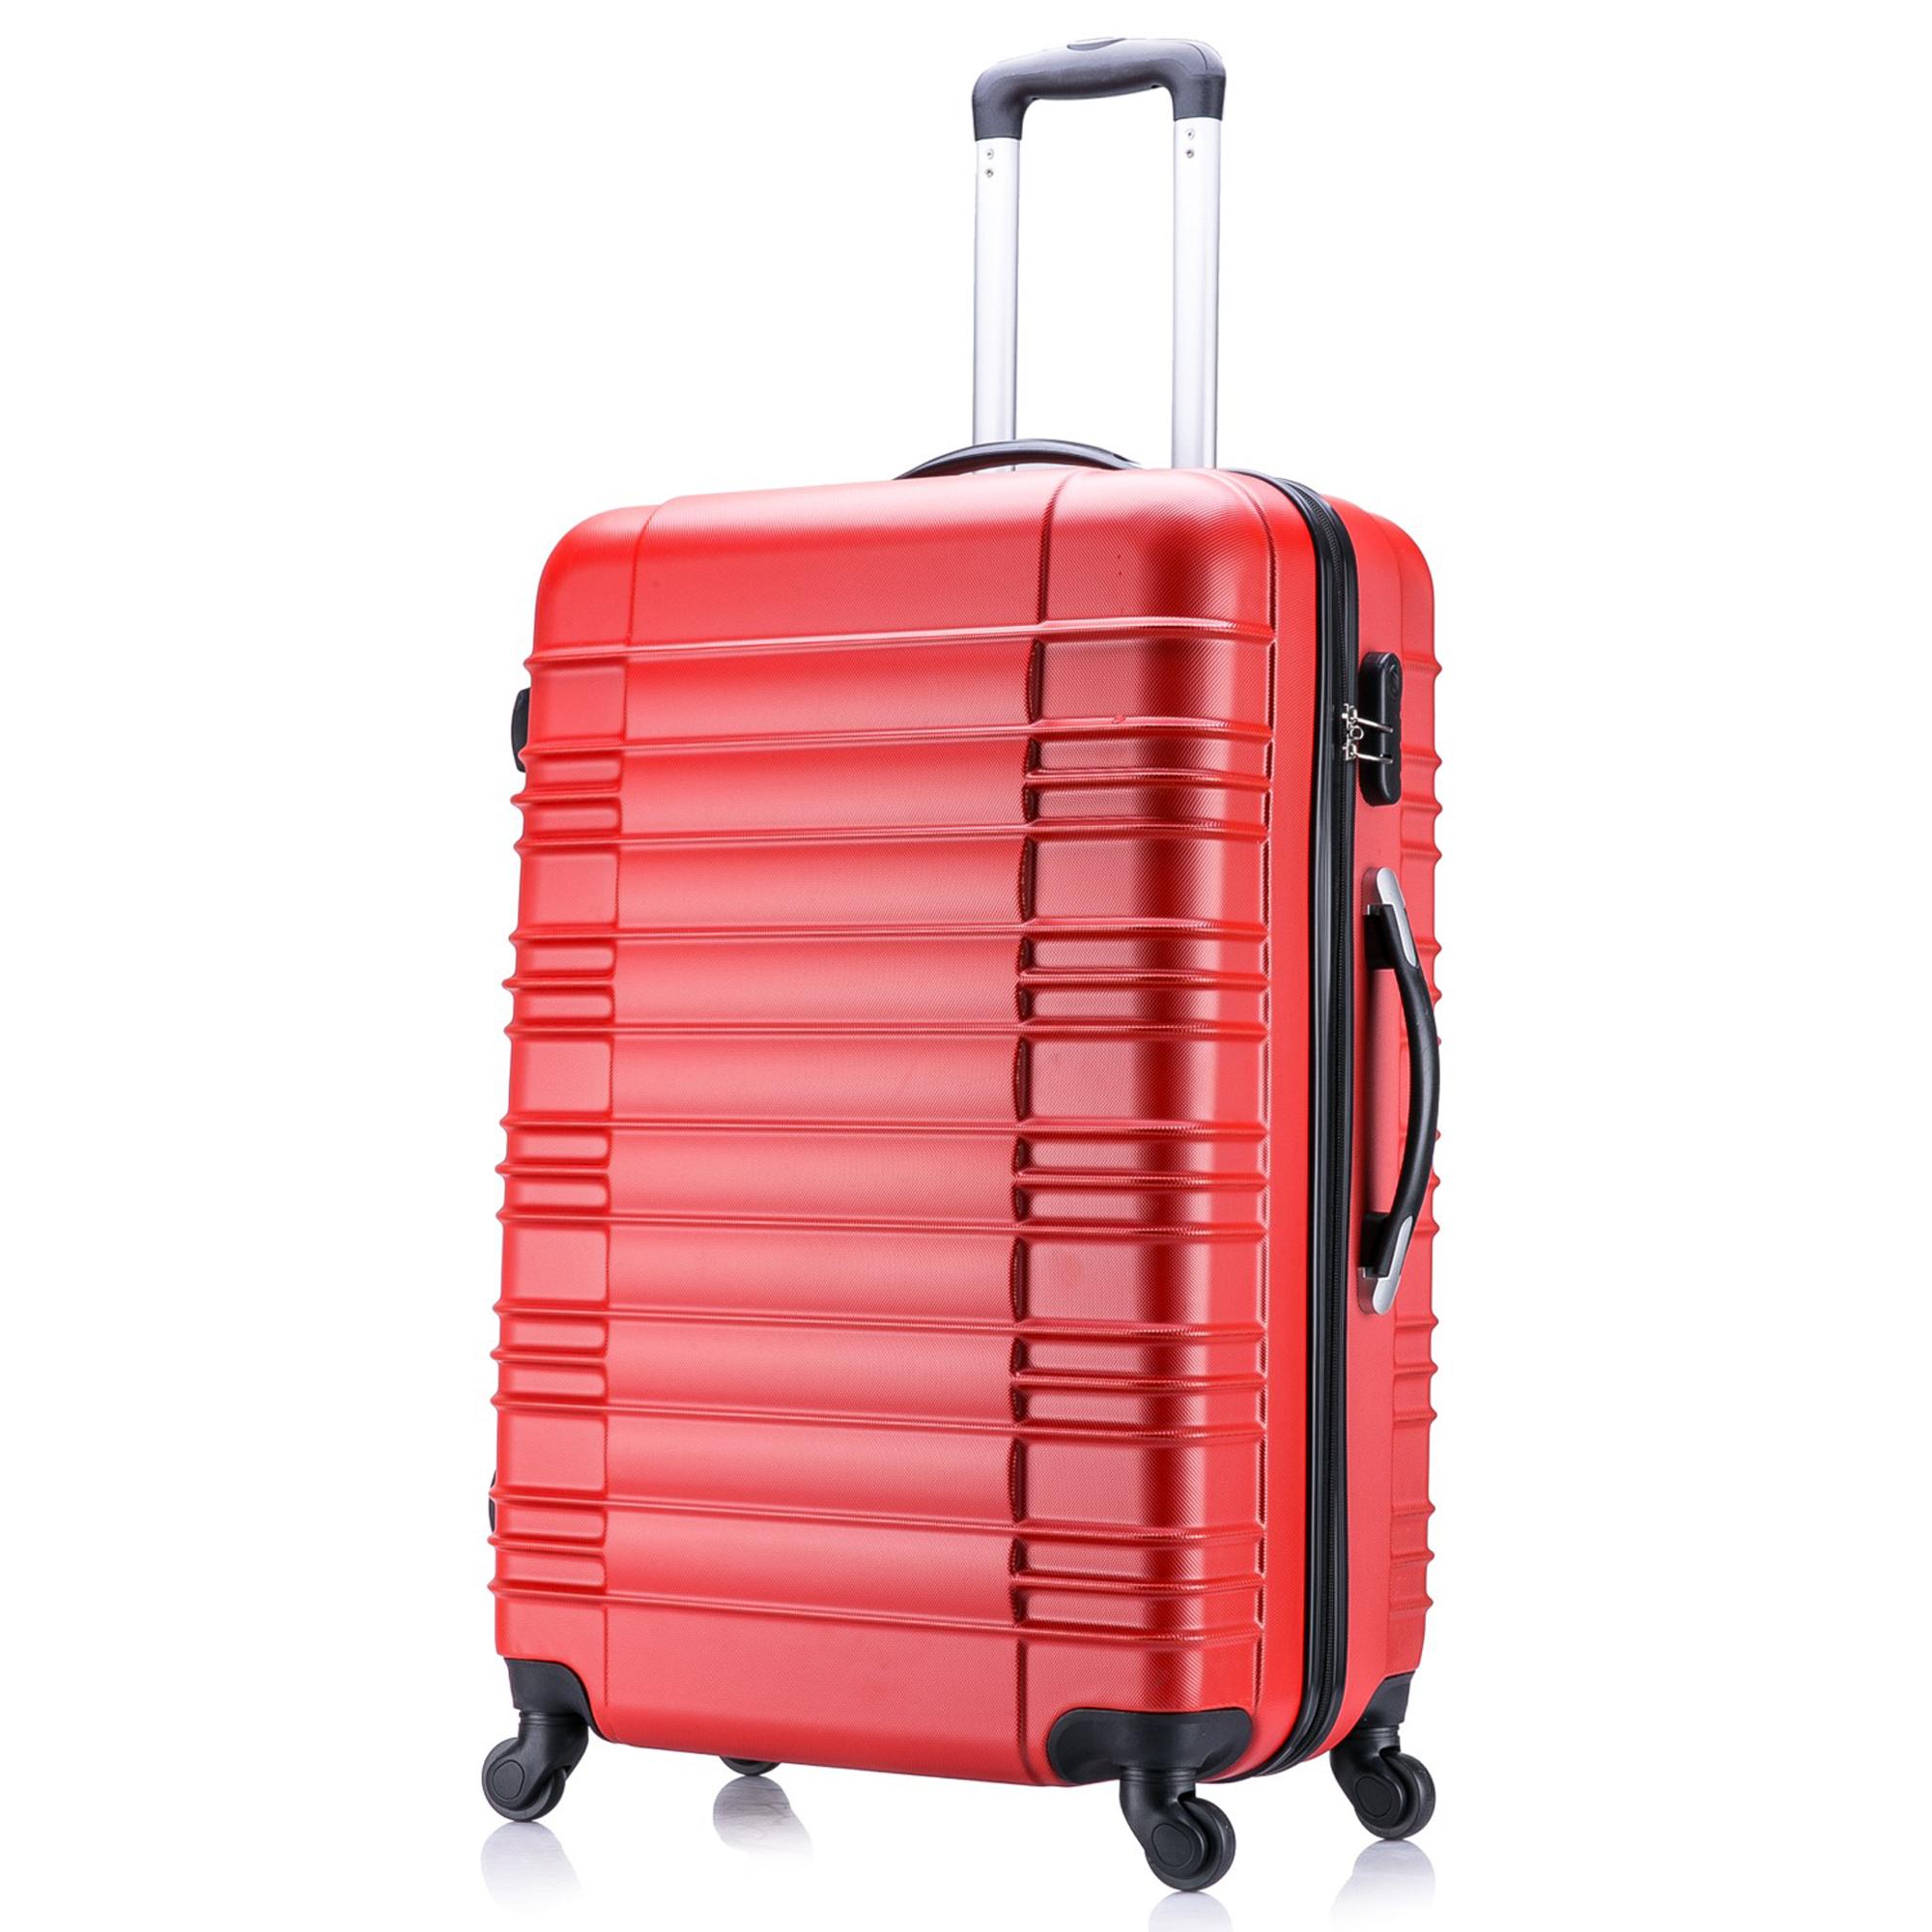 5 teiliges Koffer Set Hartschalenkoffer in 5 Farben - 17